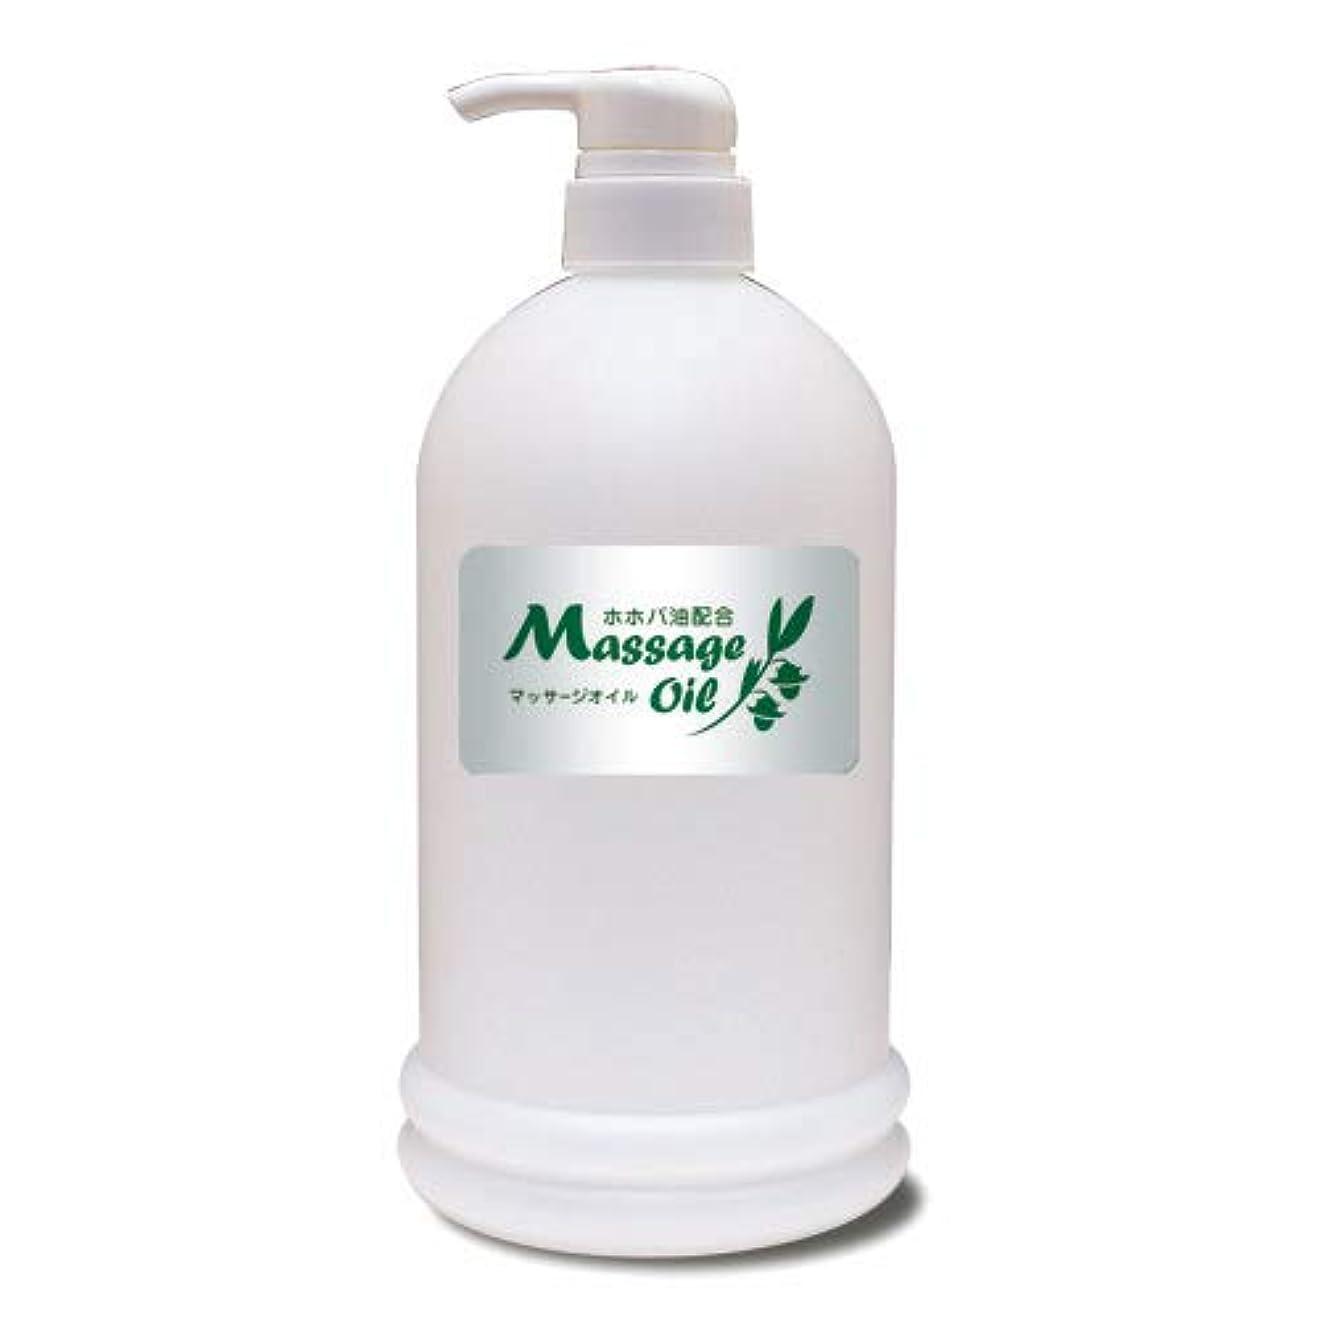 オーチャード実施する簡単なホホバ油配合マッサージオイル 1Lボトル│エステ店御用達のプロ仕様業務用マッサージオイル 大容量 ホホバオイル